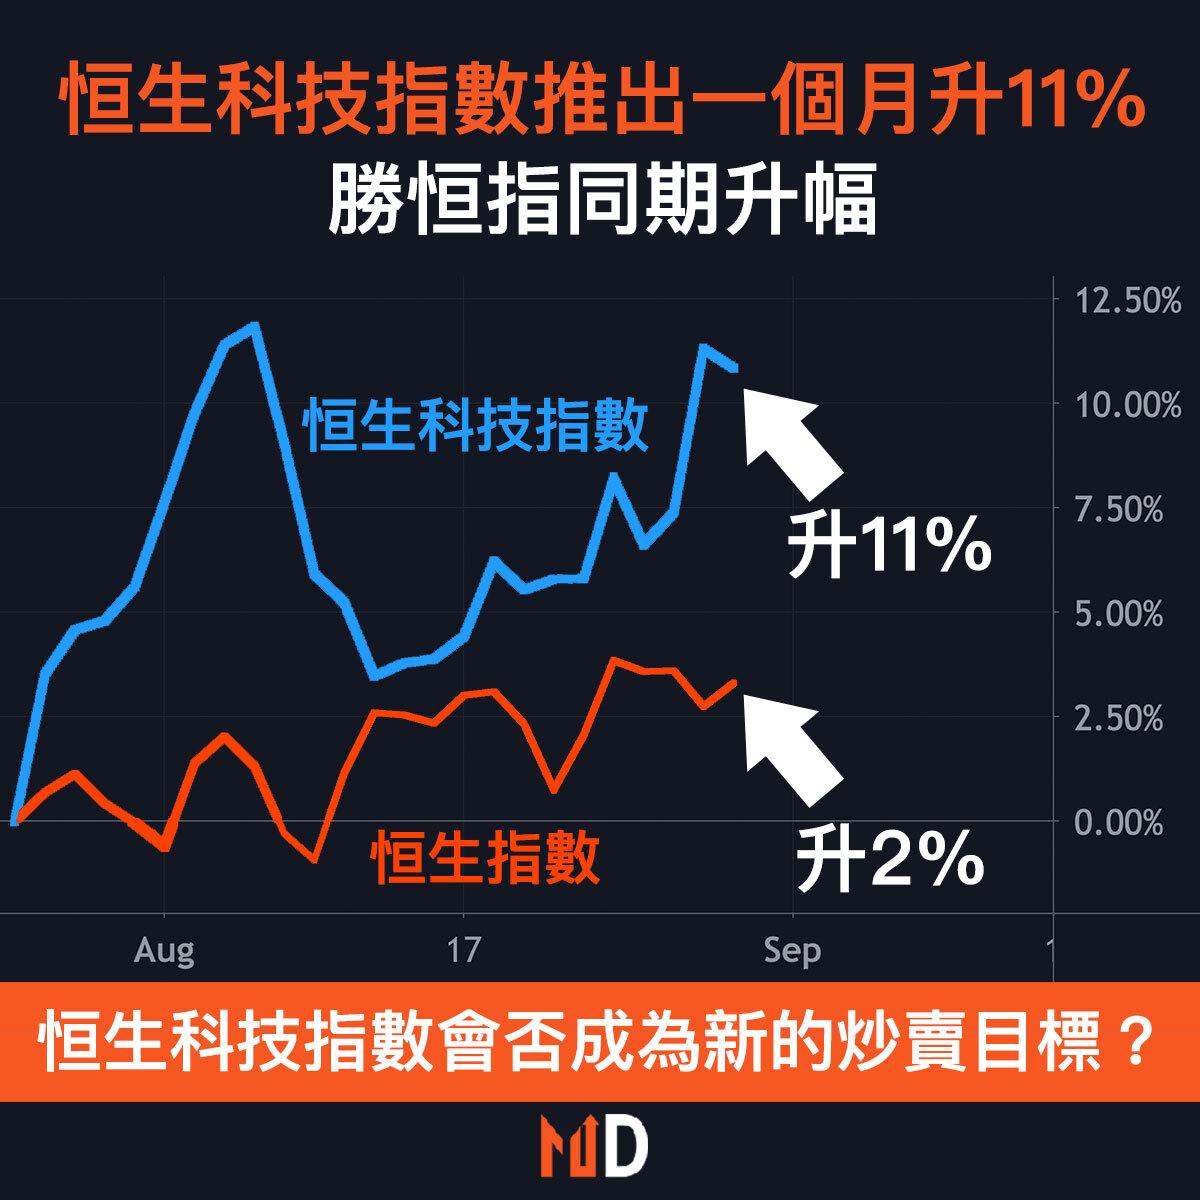 【圖解股市】恒生科技指數推出一個月升11%,勝恒指同期升幅